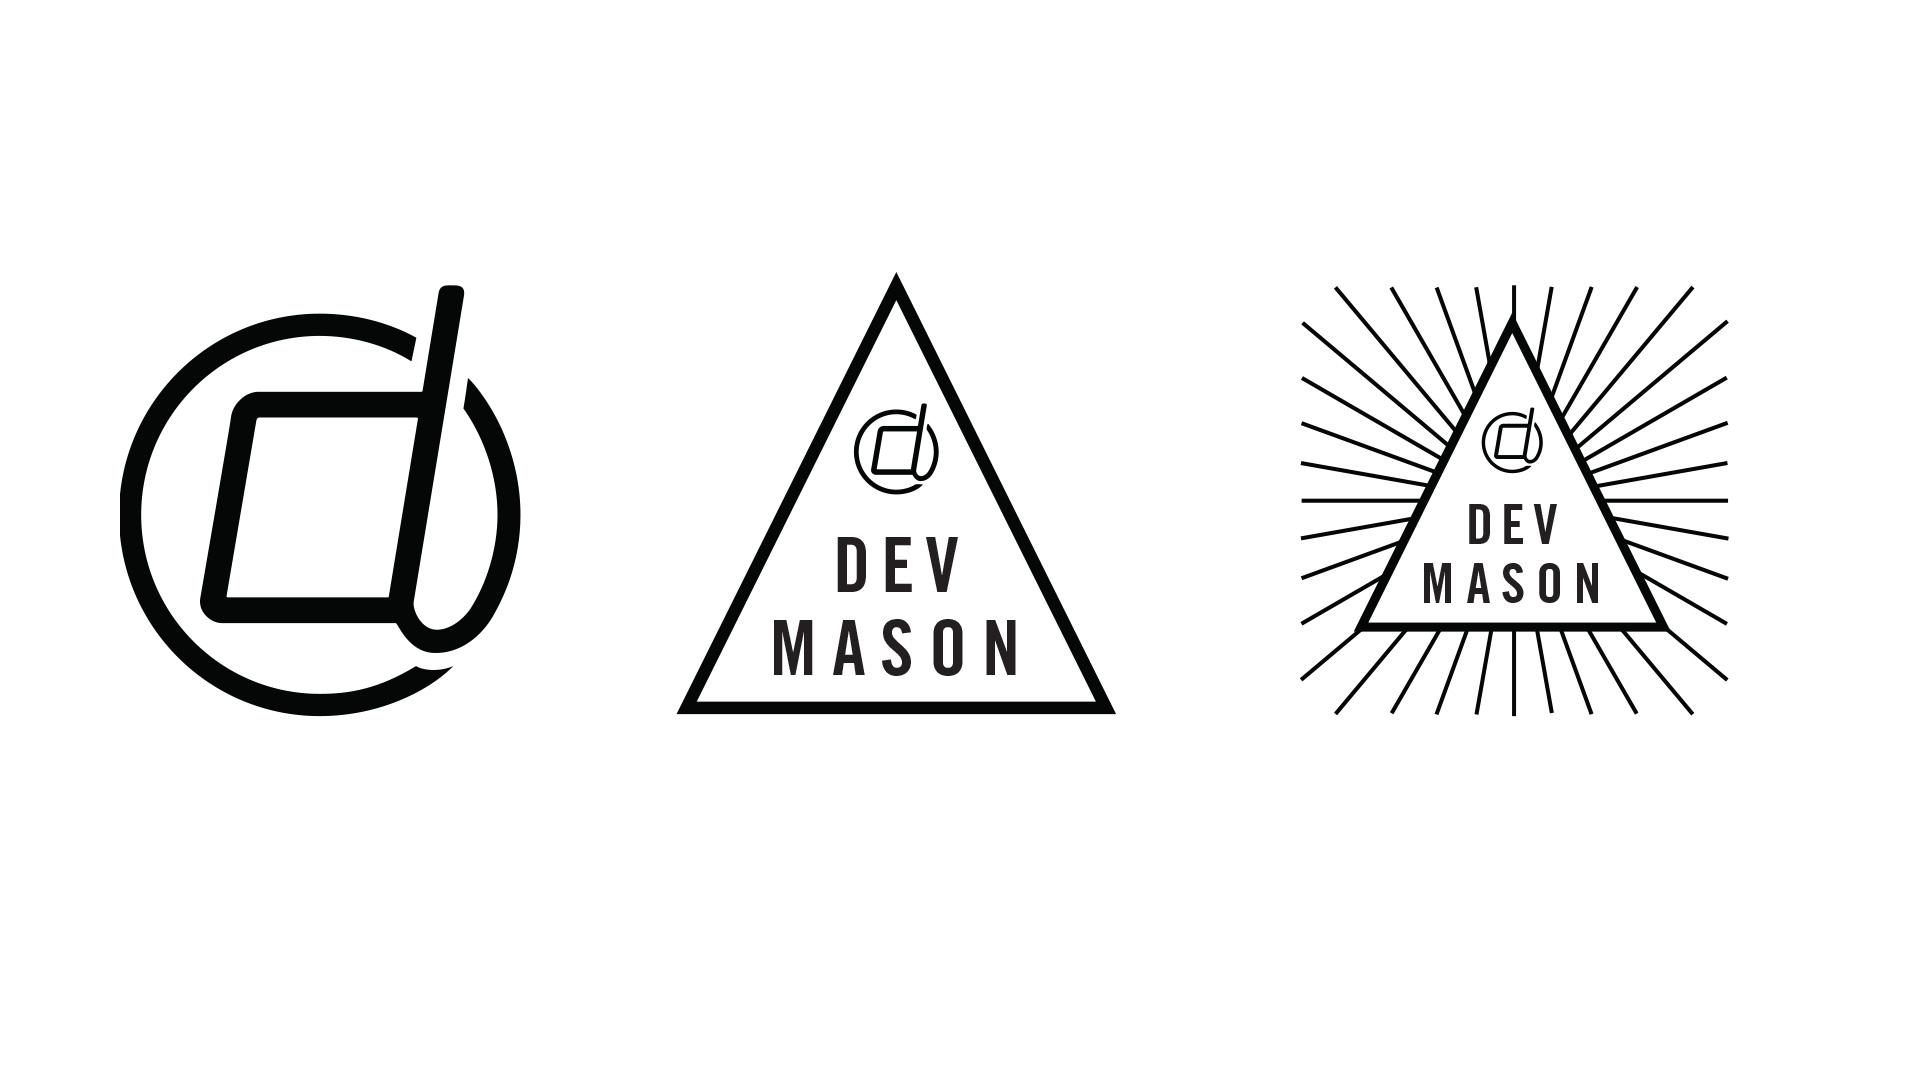 DevMason_logovariations.jpg